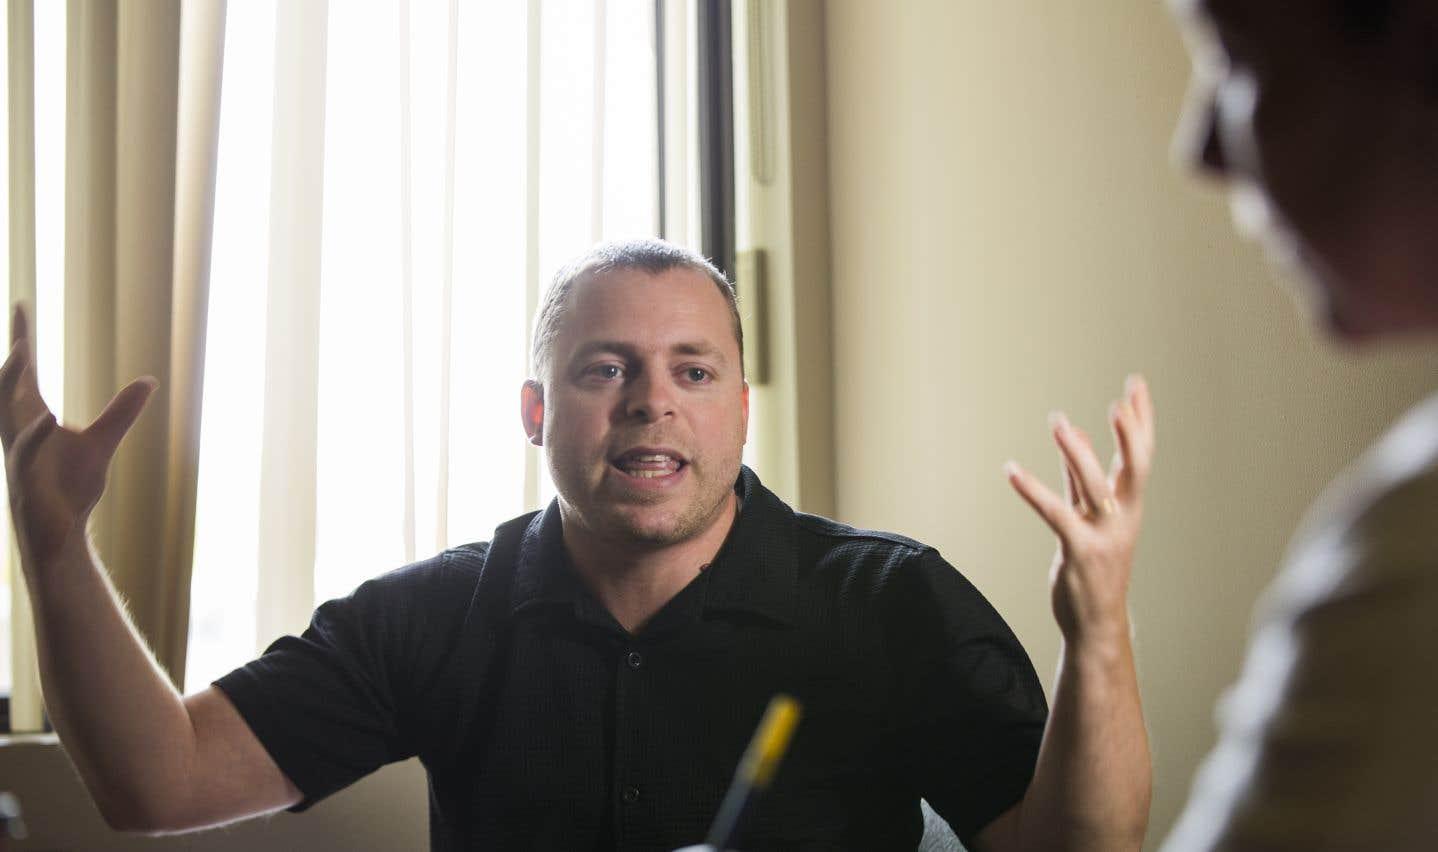 Le chercheur engagé par l'organisme religieux La Sortie défend son indépendance